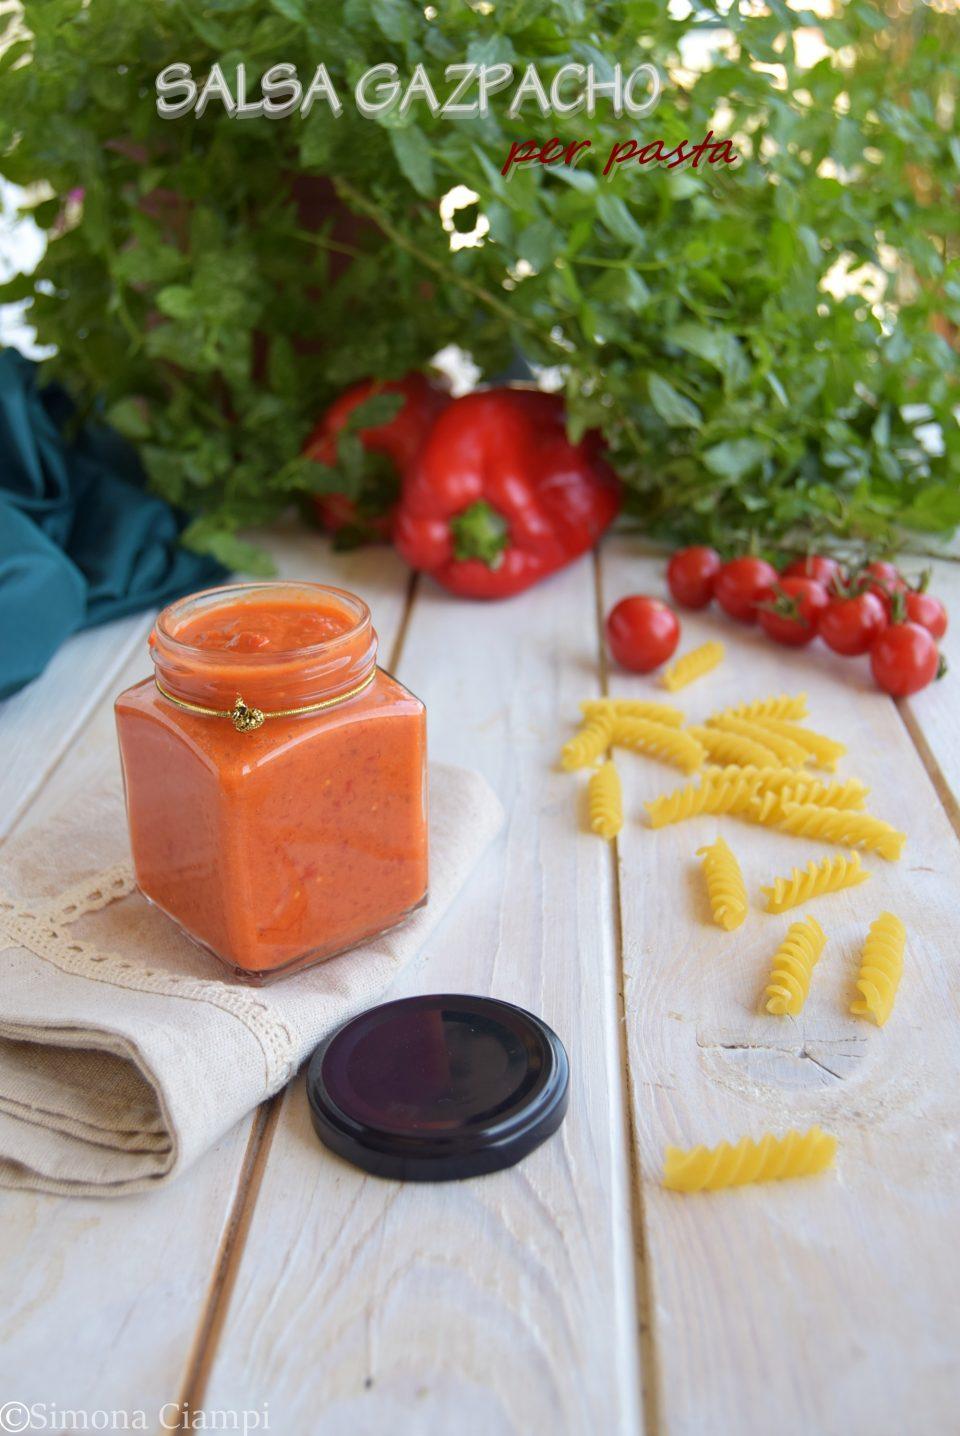 Ricetta salsa gazpacho per pasta fredda estiva